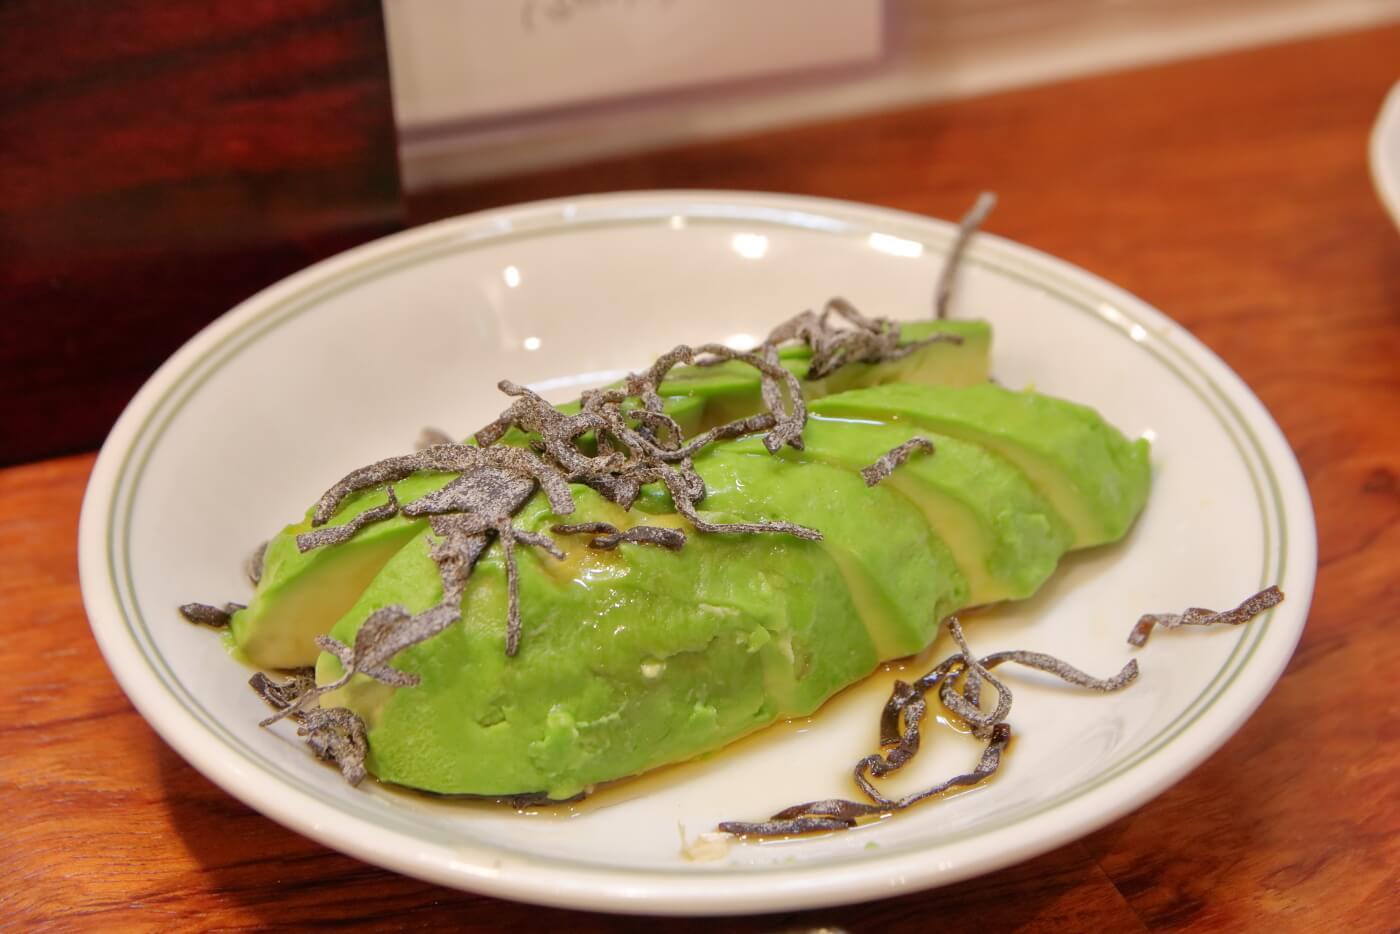 リニューアルオープンした高知市の居酒屋英屋の料理 アボカド